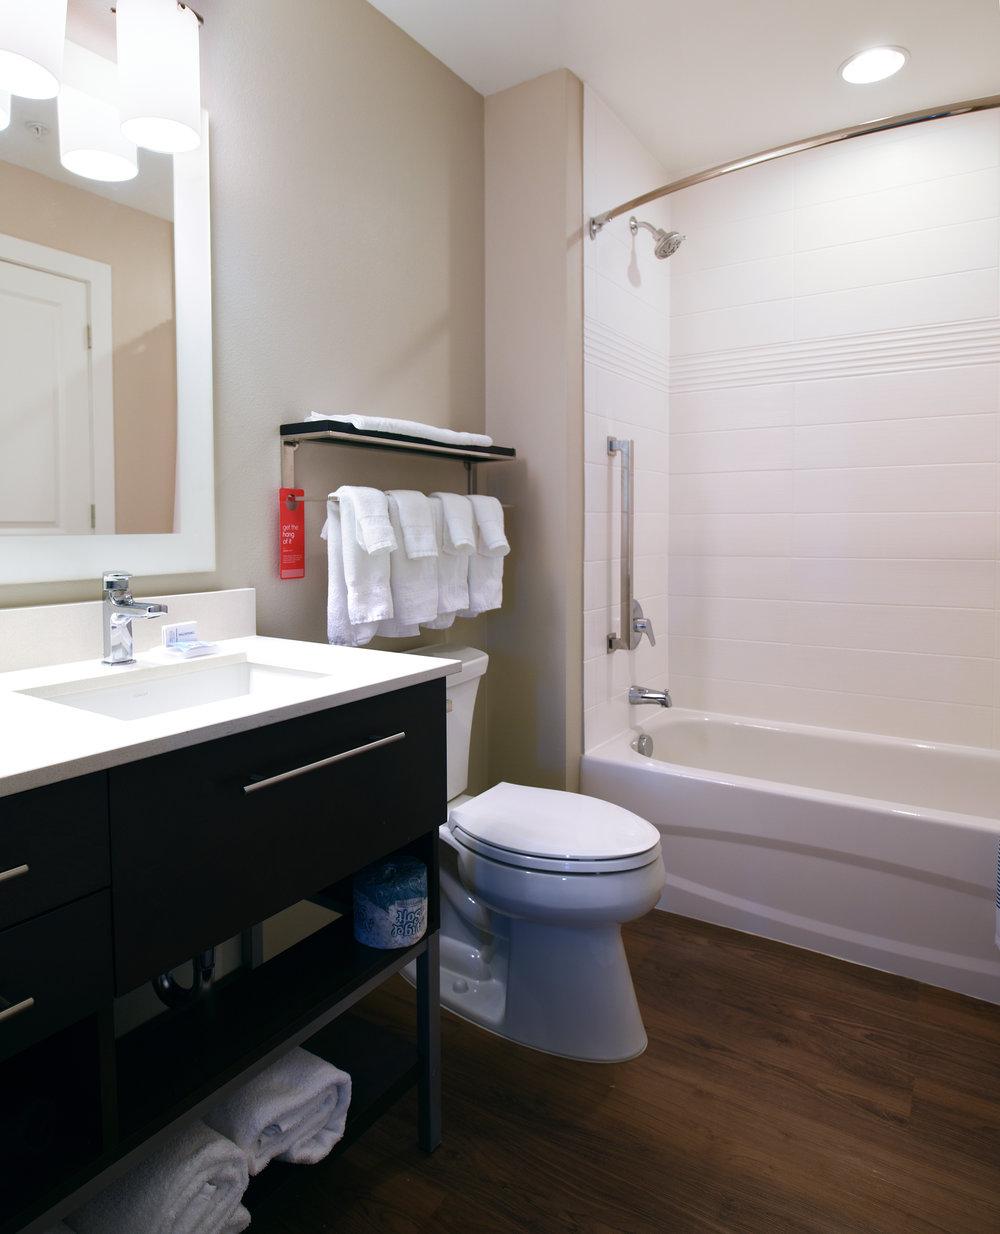 Towneplace Suites_Bathroom_WEB.jpg